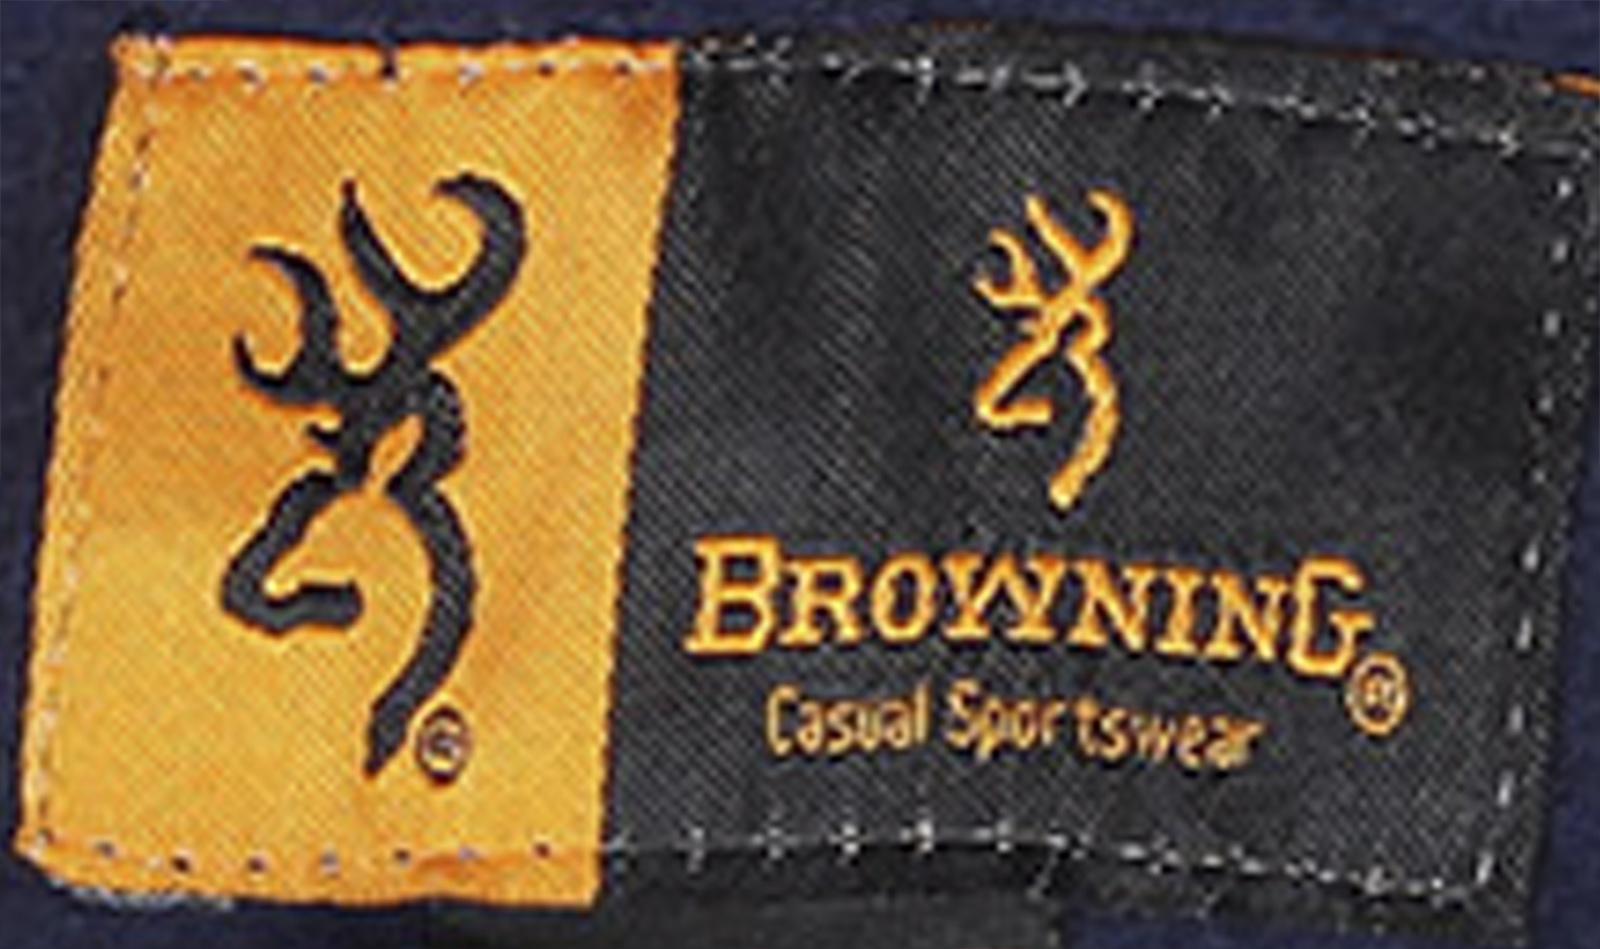 Крутая синяя толстовка с капюшоном от Browning